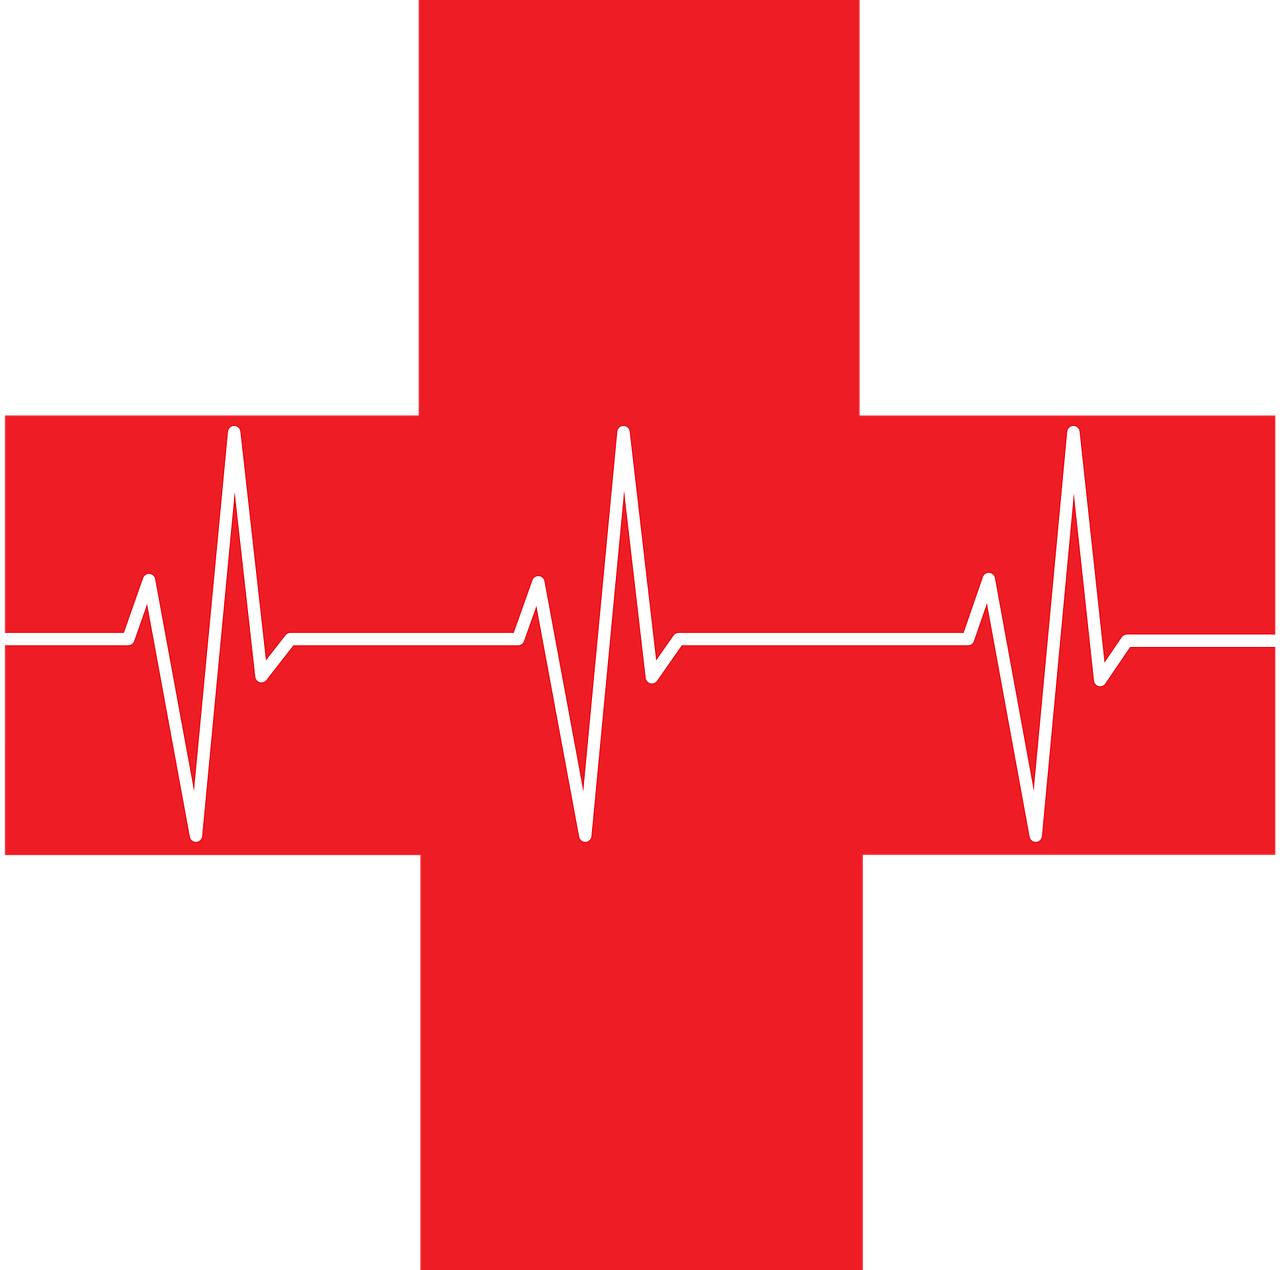 Croix rouge avec rythme cardiaque